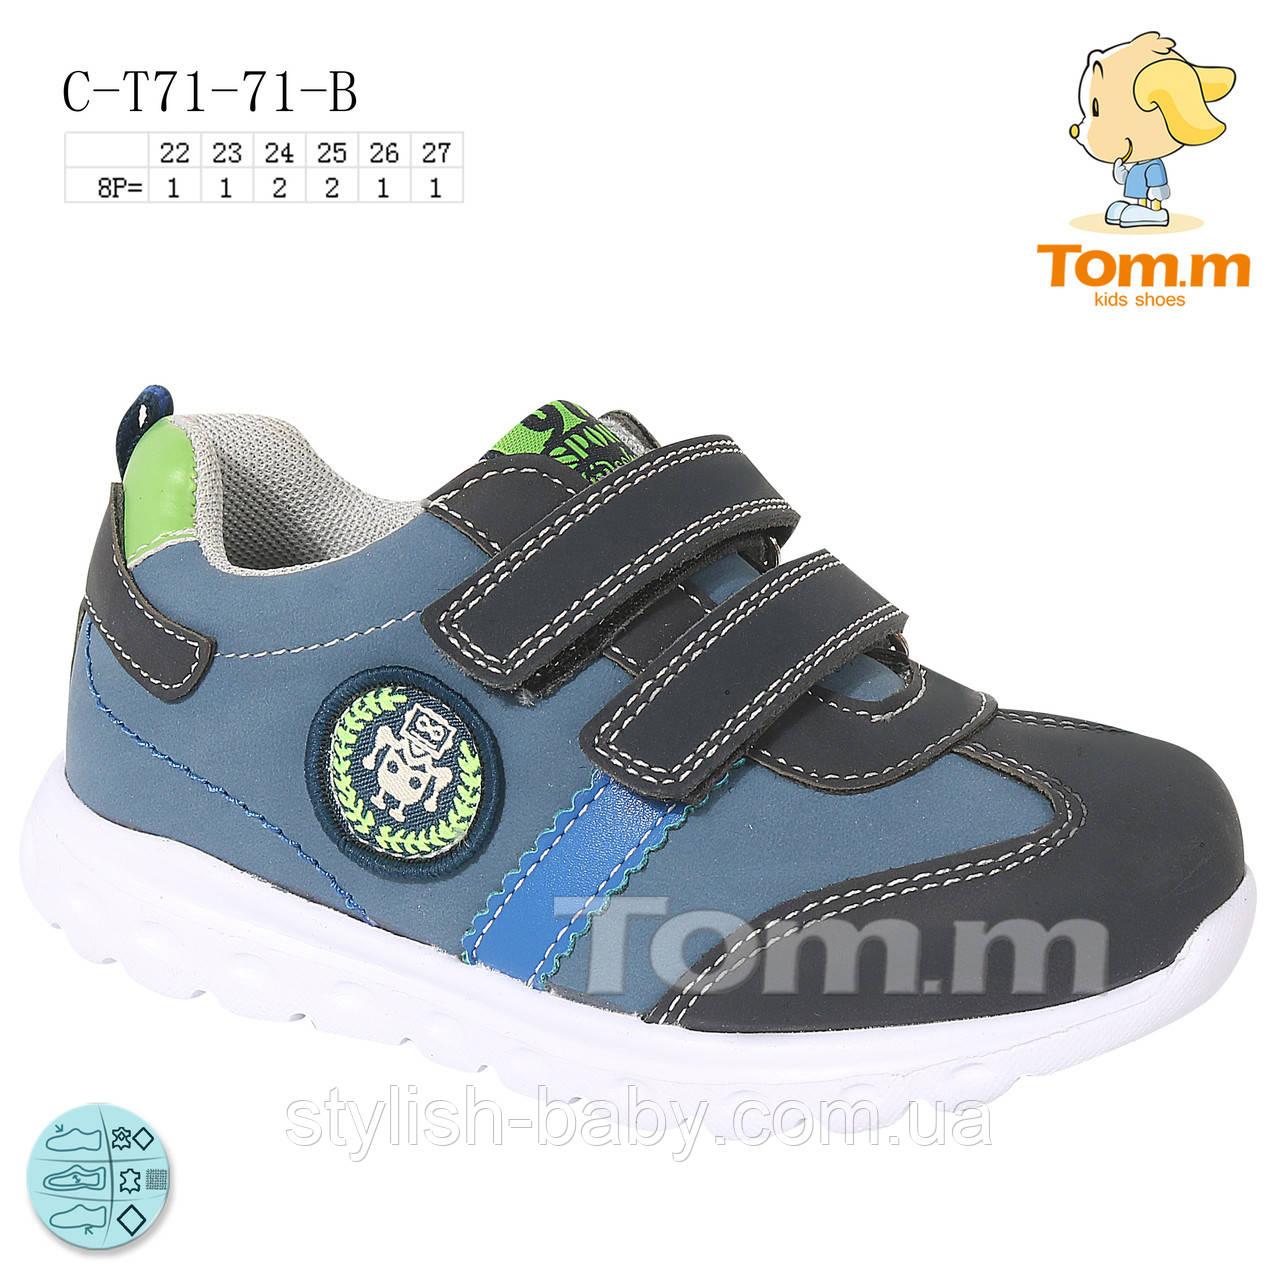 Детские кроссовки оптом в Одессе. Детская спортивная обувь 2020 бренда Tom.m для мальчиков (рр. с 22 по 27)